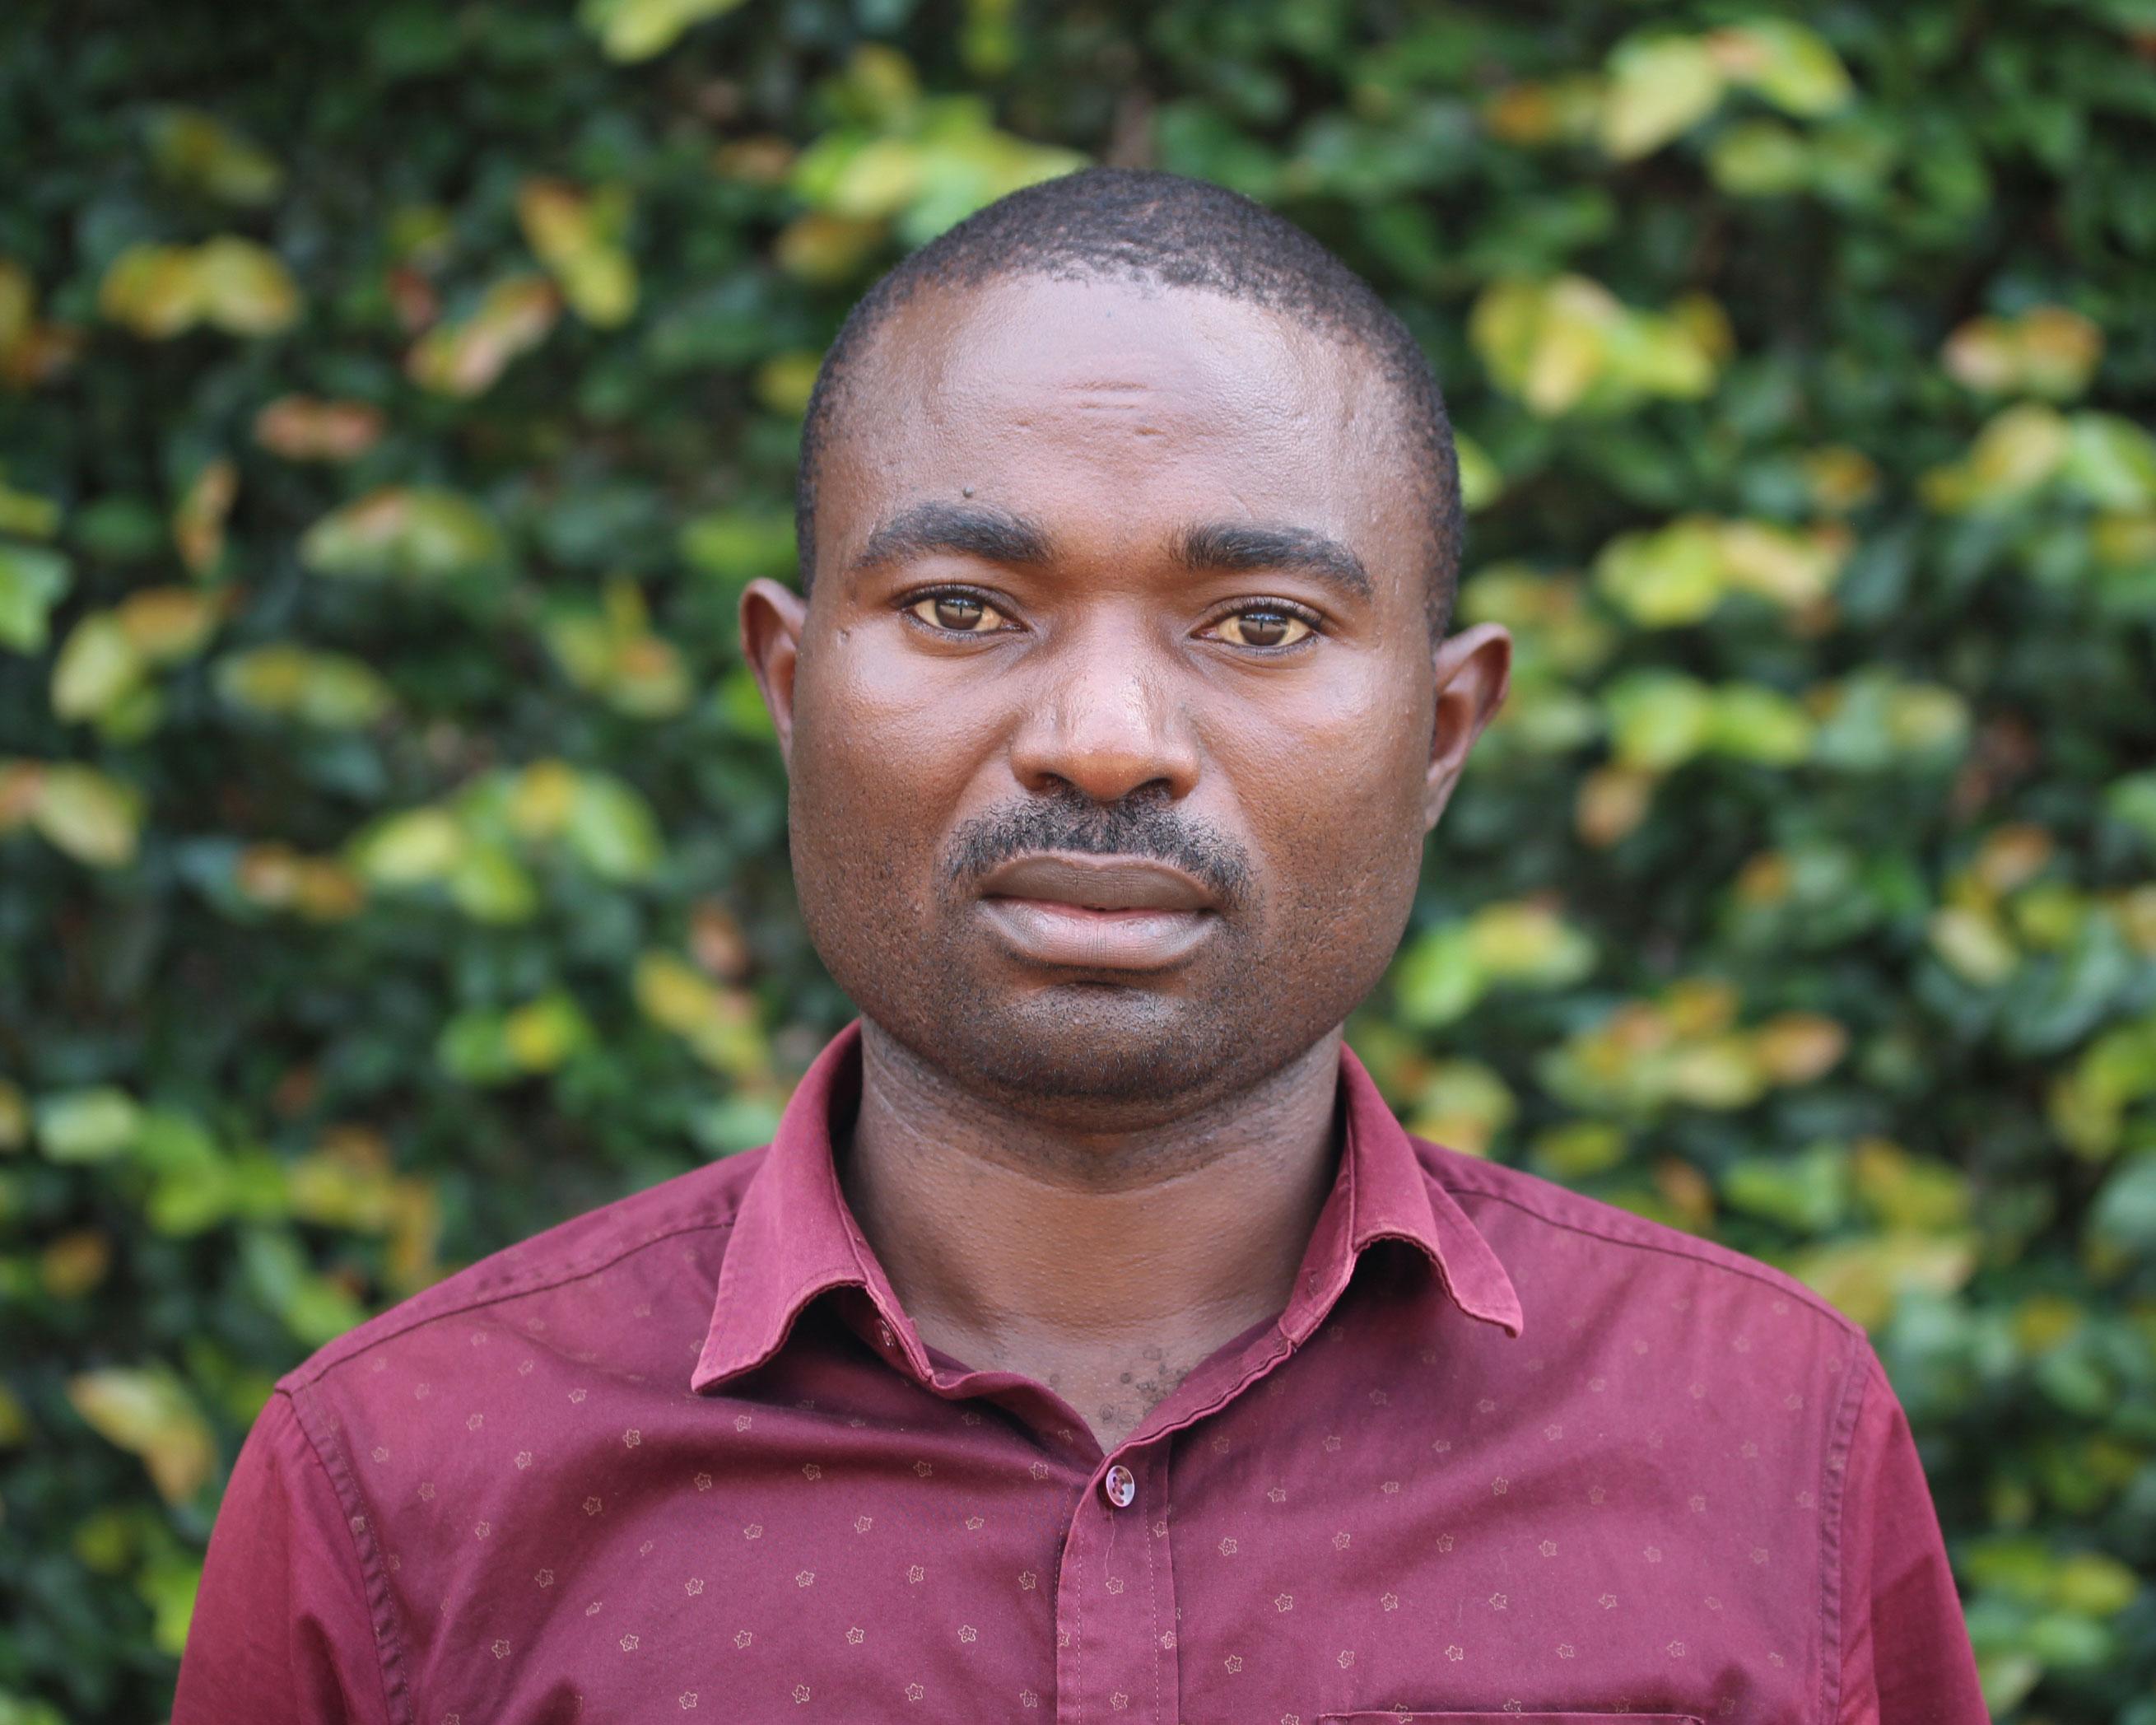 Emmanuel Nzumvira